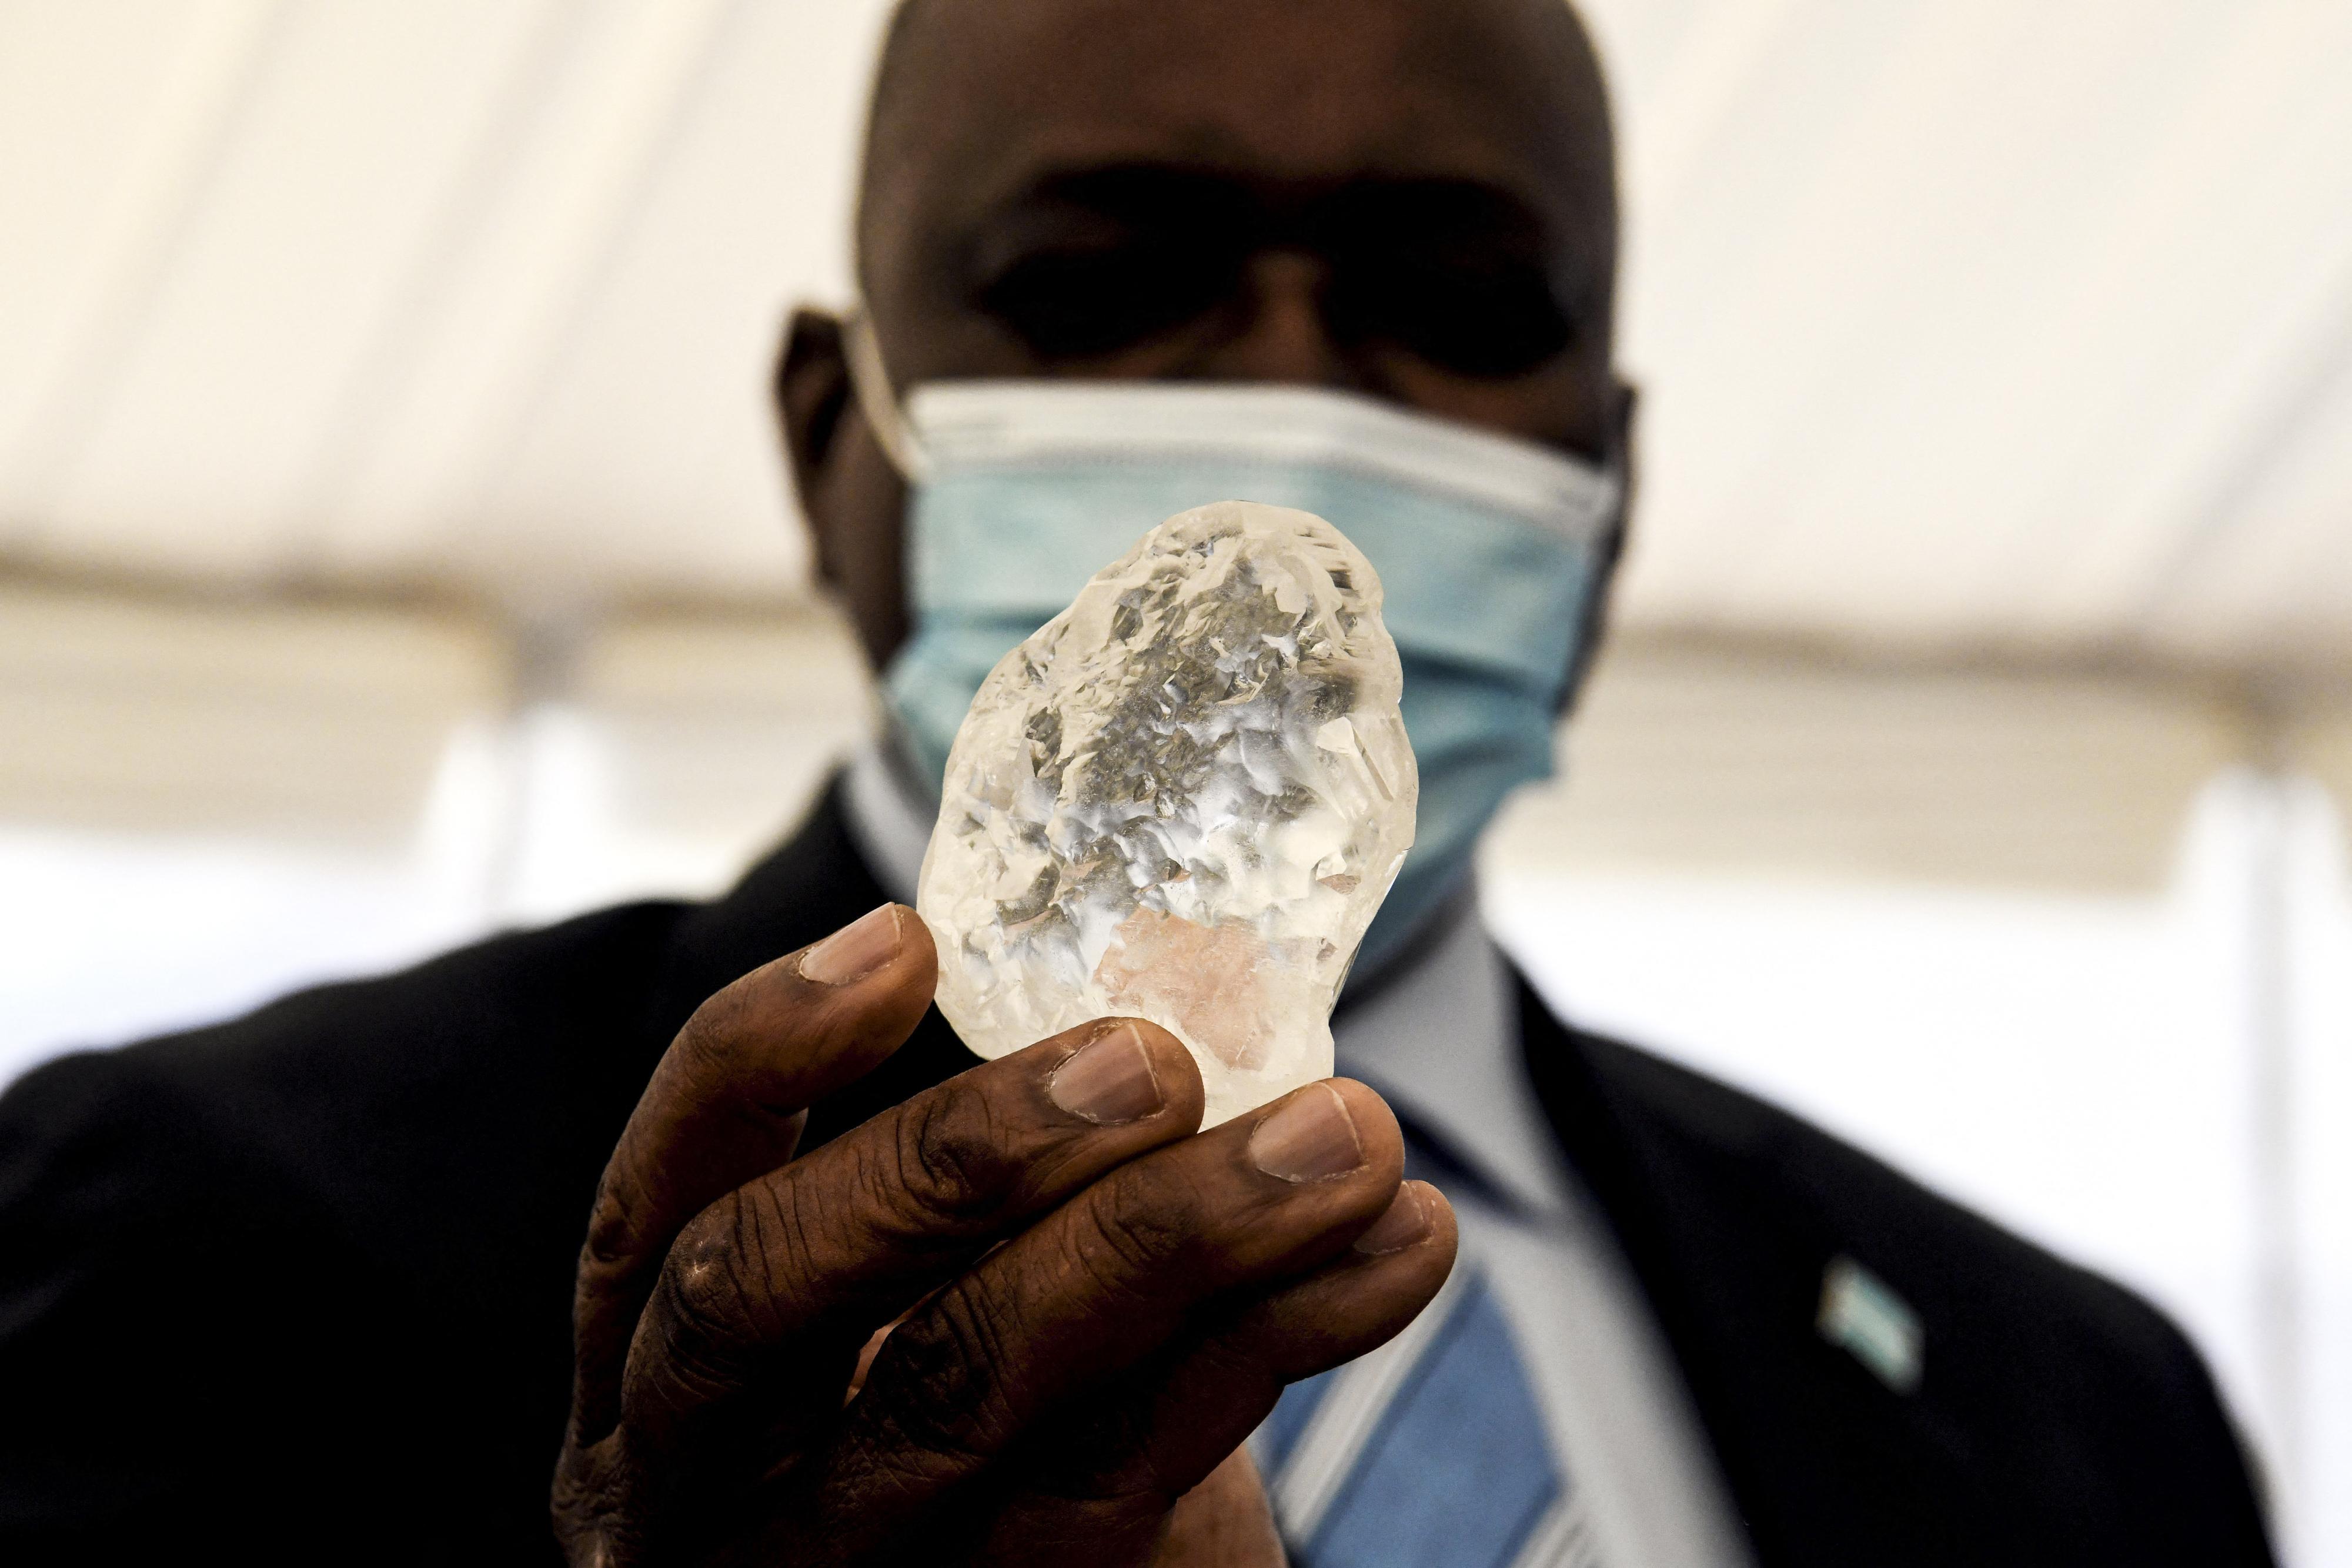 """Al treilea cel mai mare diamant din lume a fost descoperit în Botswana. """"Aduce speranță unei națiuni greu încercate"""""""